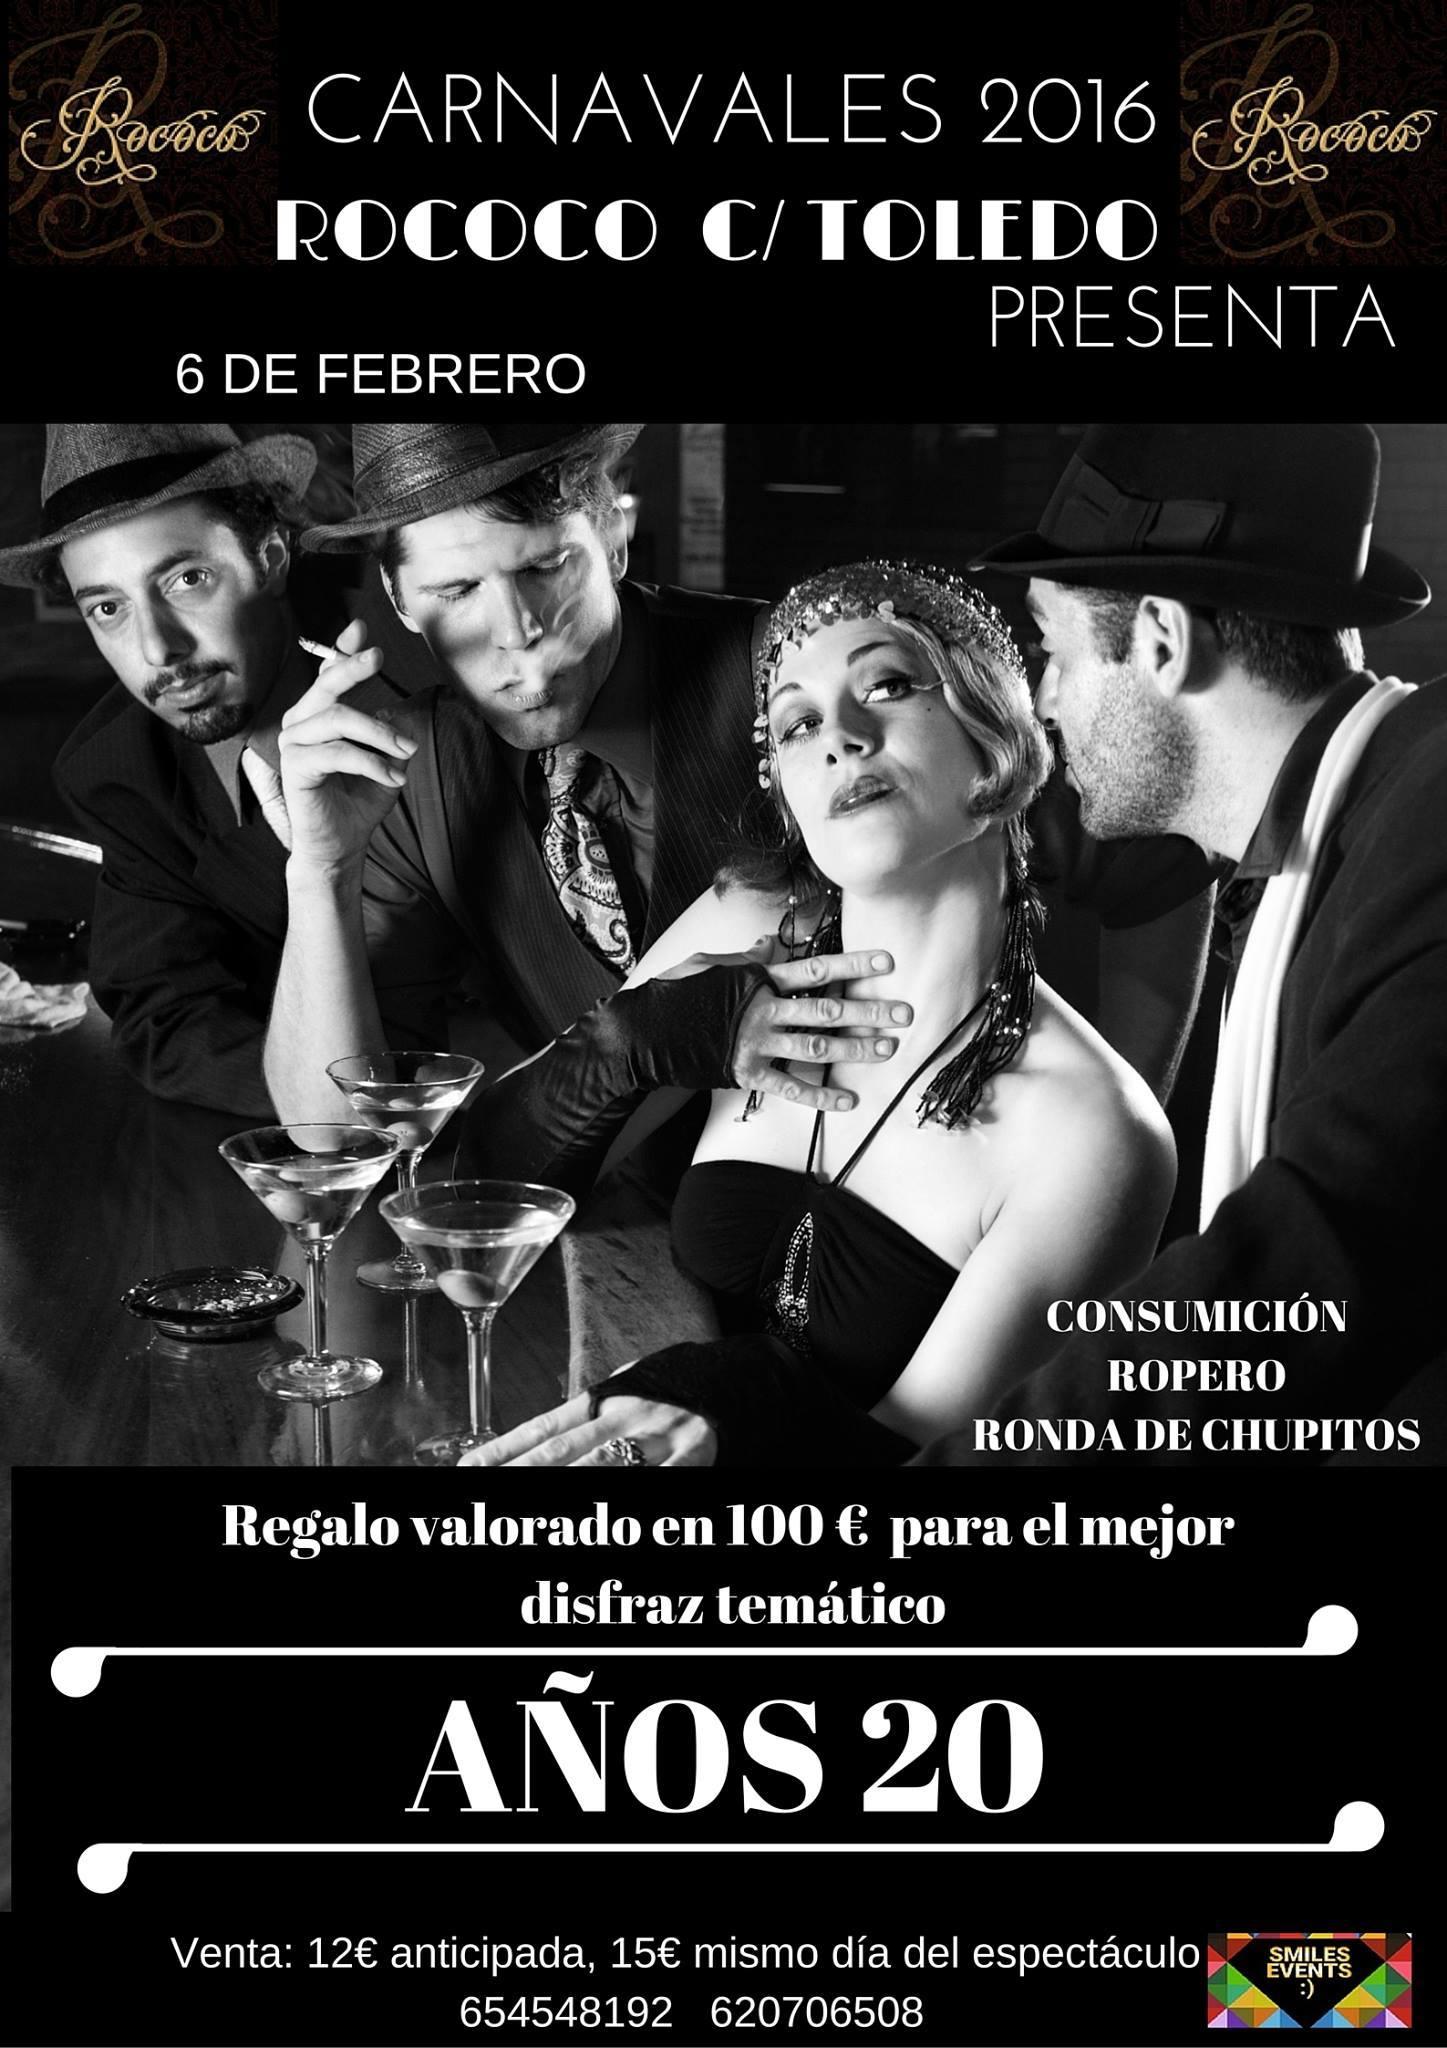 Fiesta tem tica a os 20 en rococ burgos - Fiesta anos 20 ...